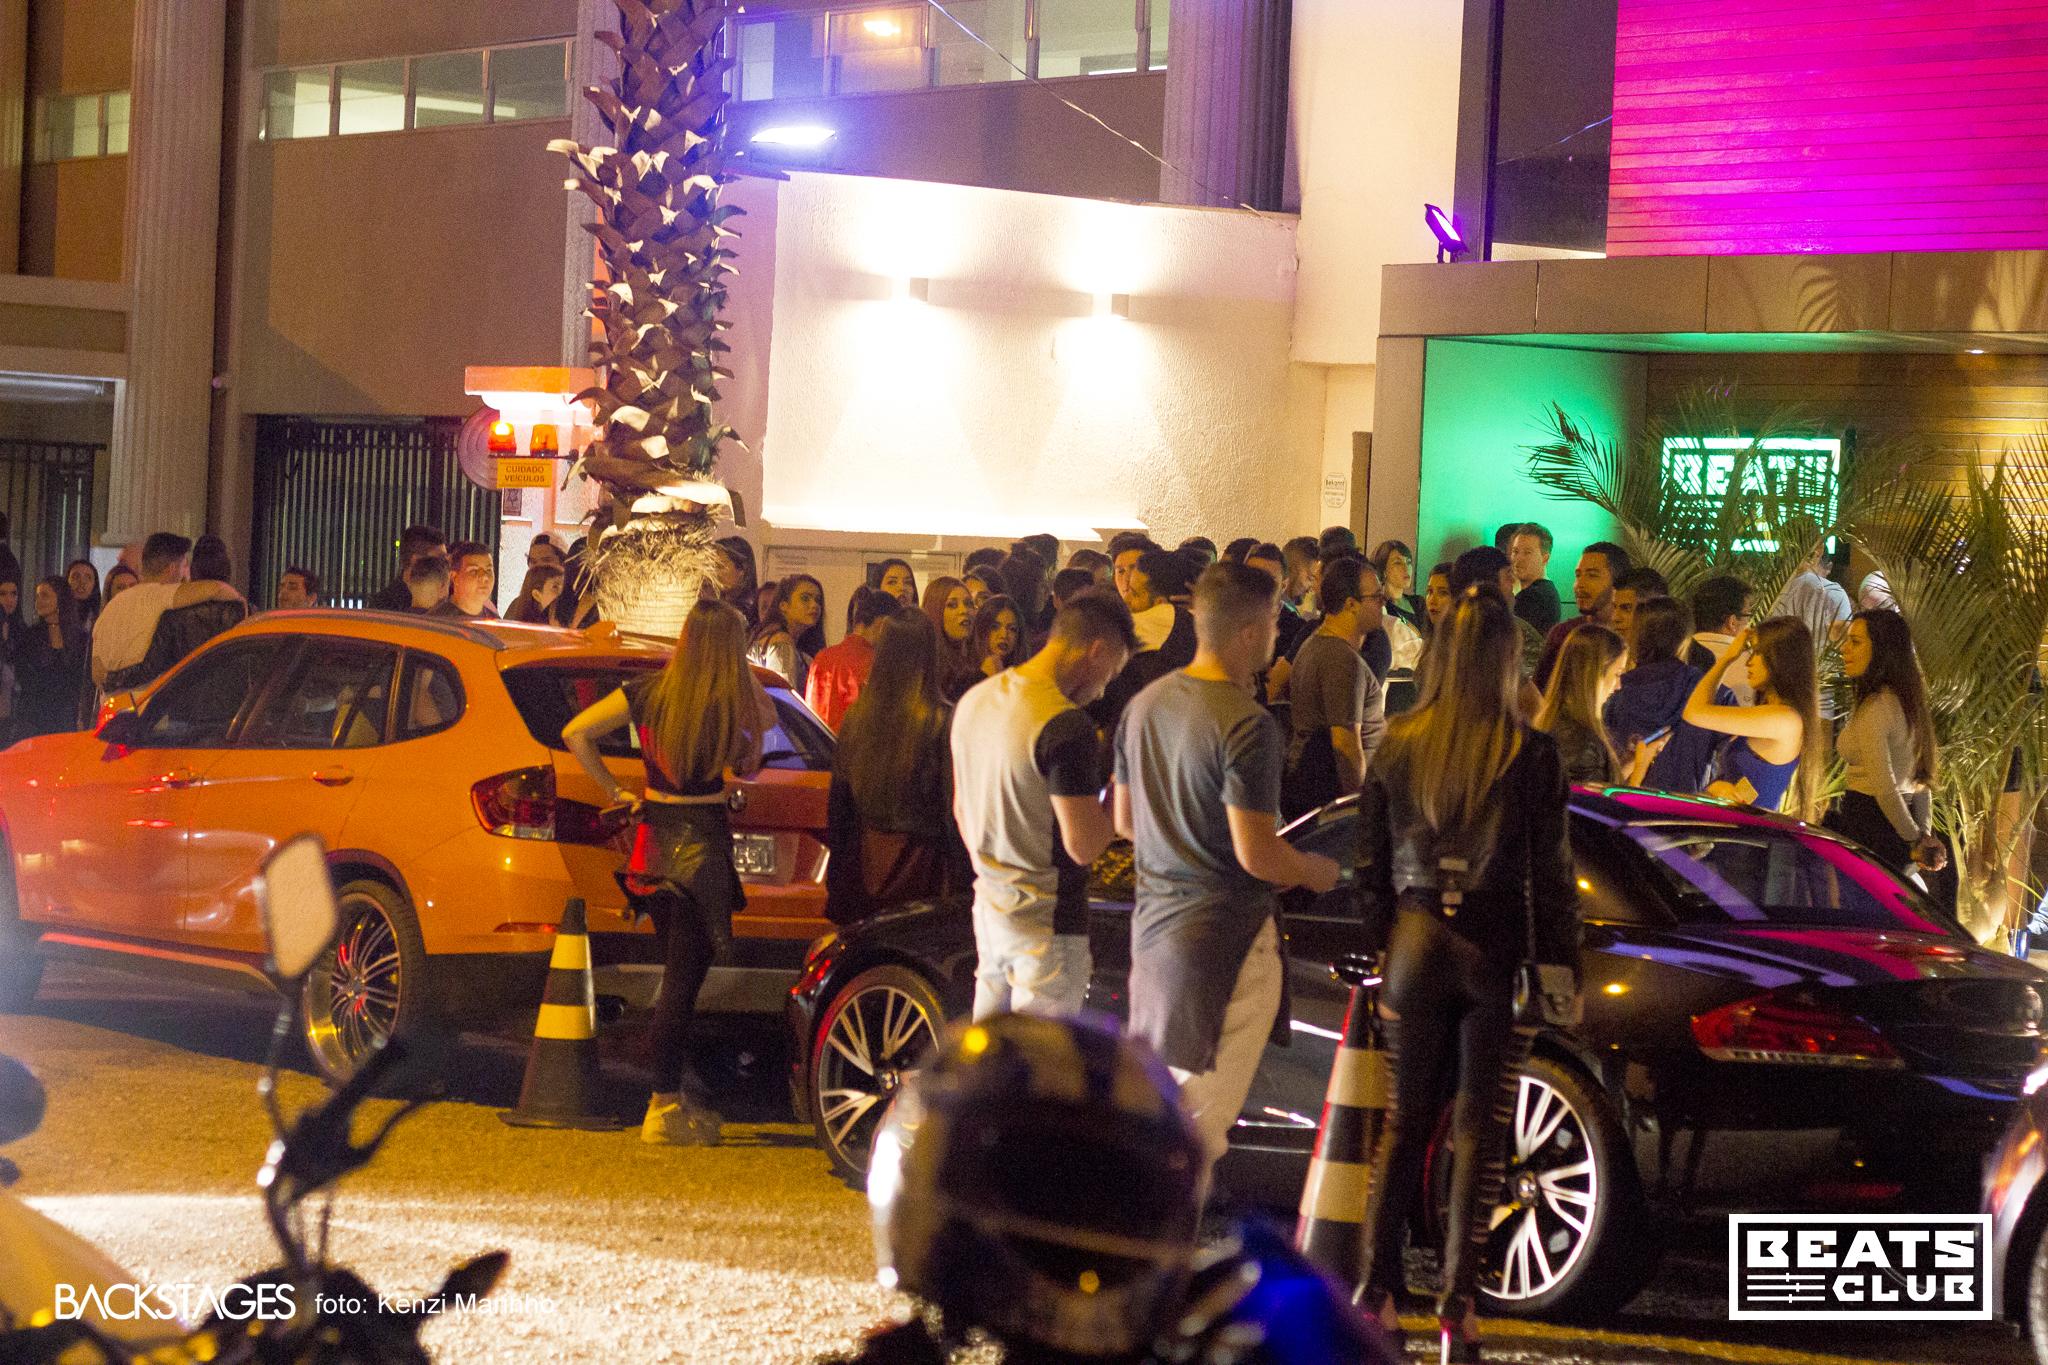 Beats Club - Inauguração 06.05.2017 - Kenzi Marinho (56)